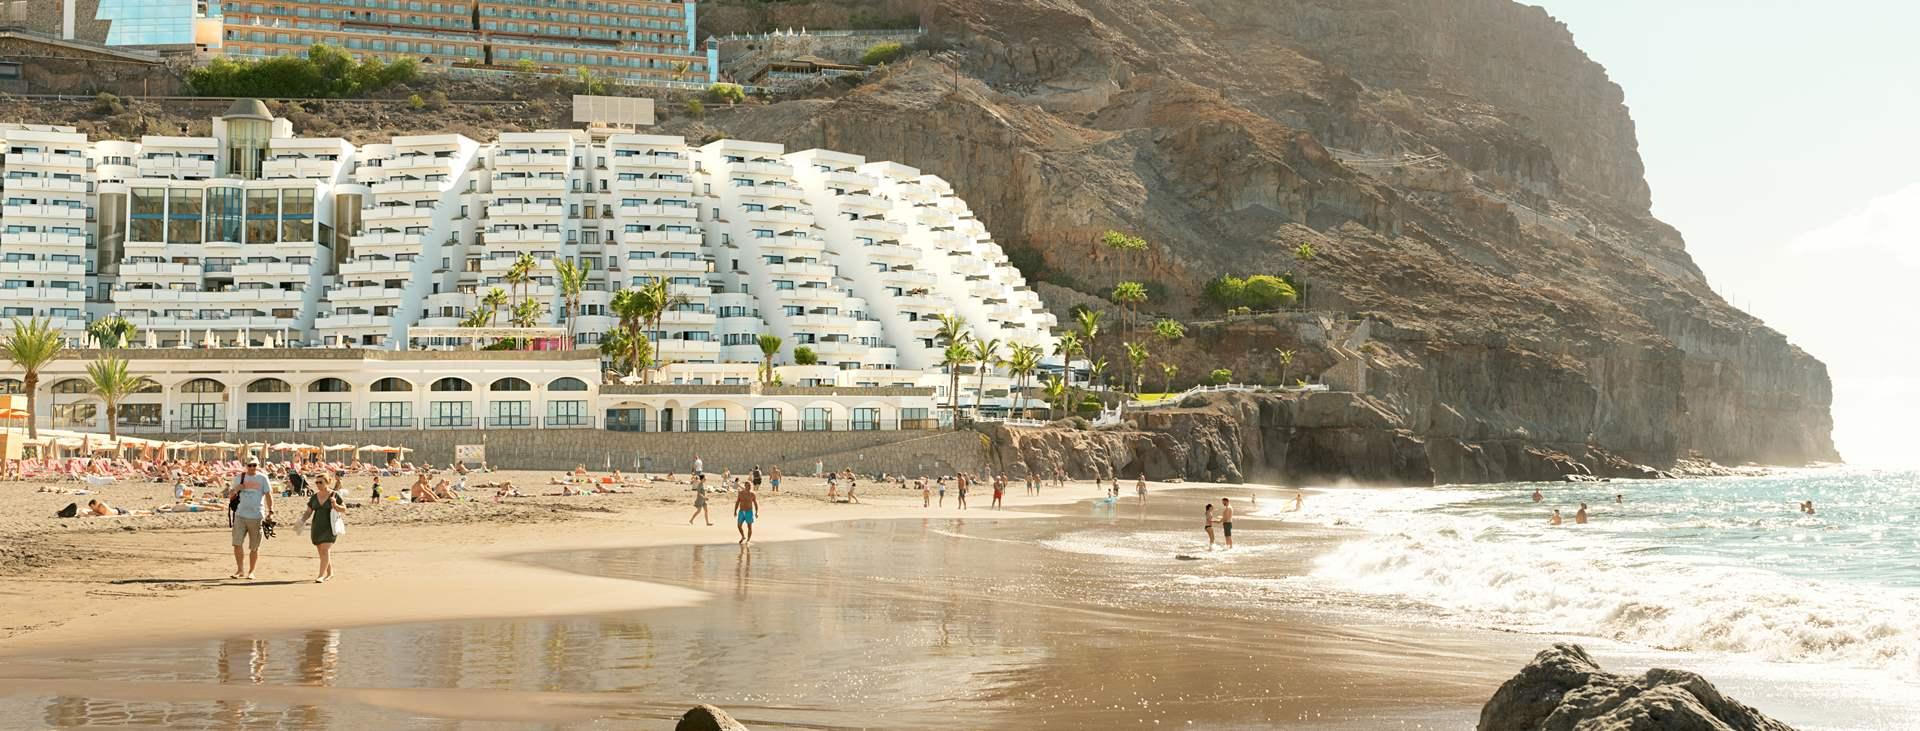 Bestill en reise med Ving til Playa de Taurito på Gran Canaria